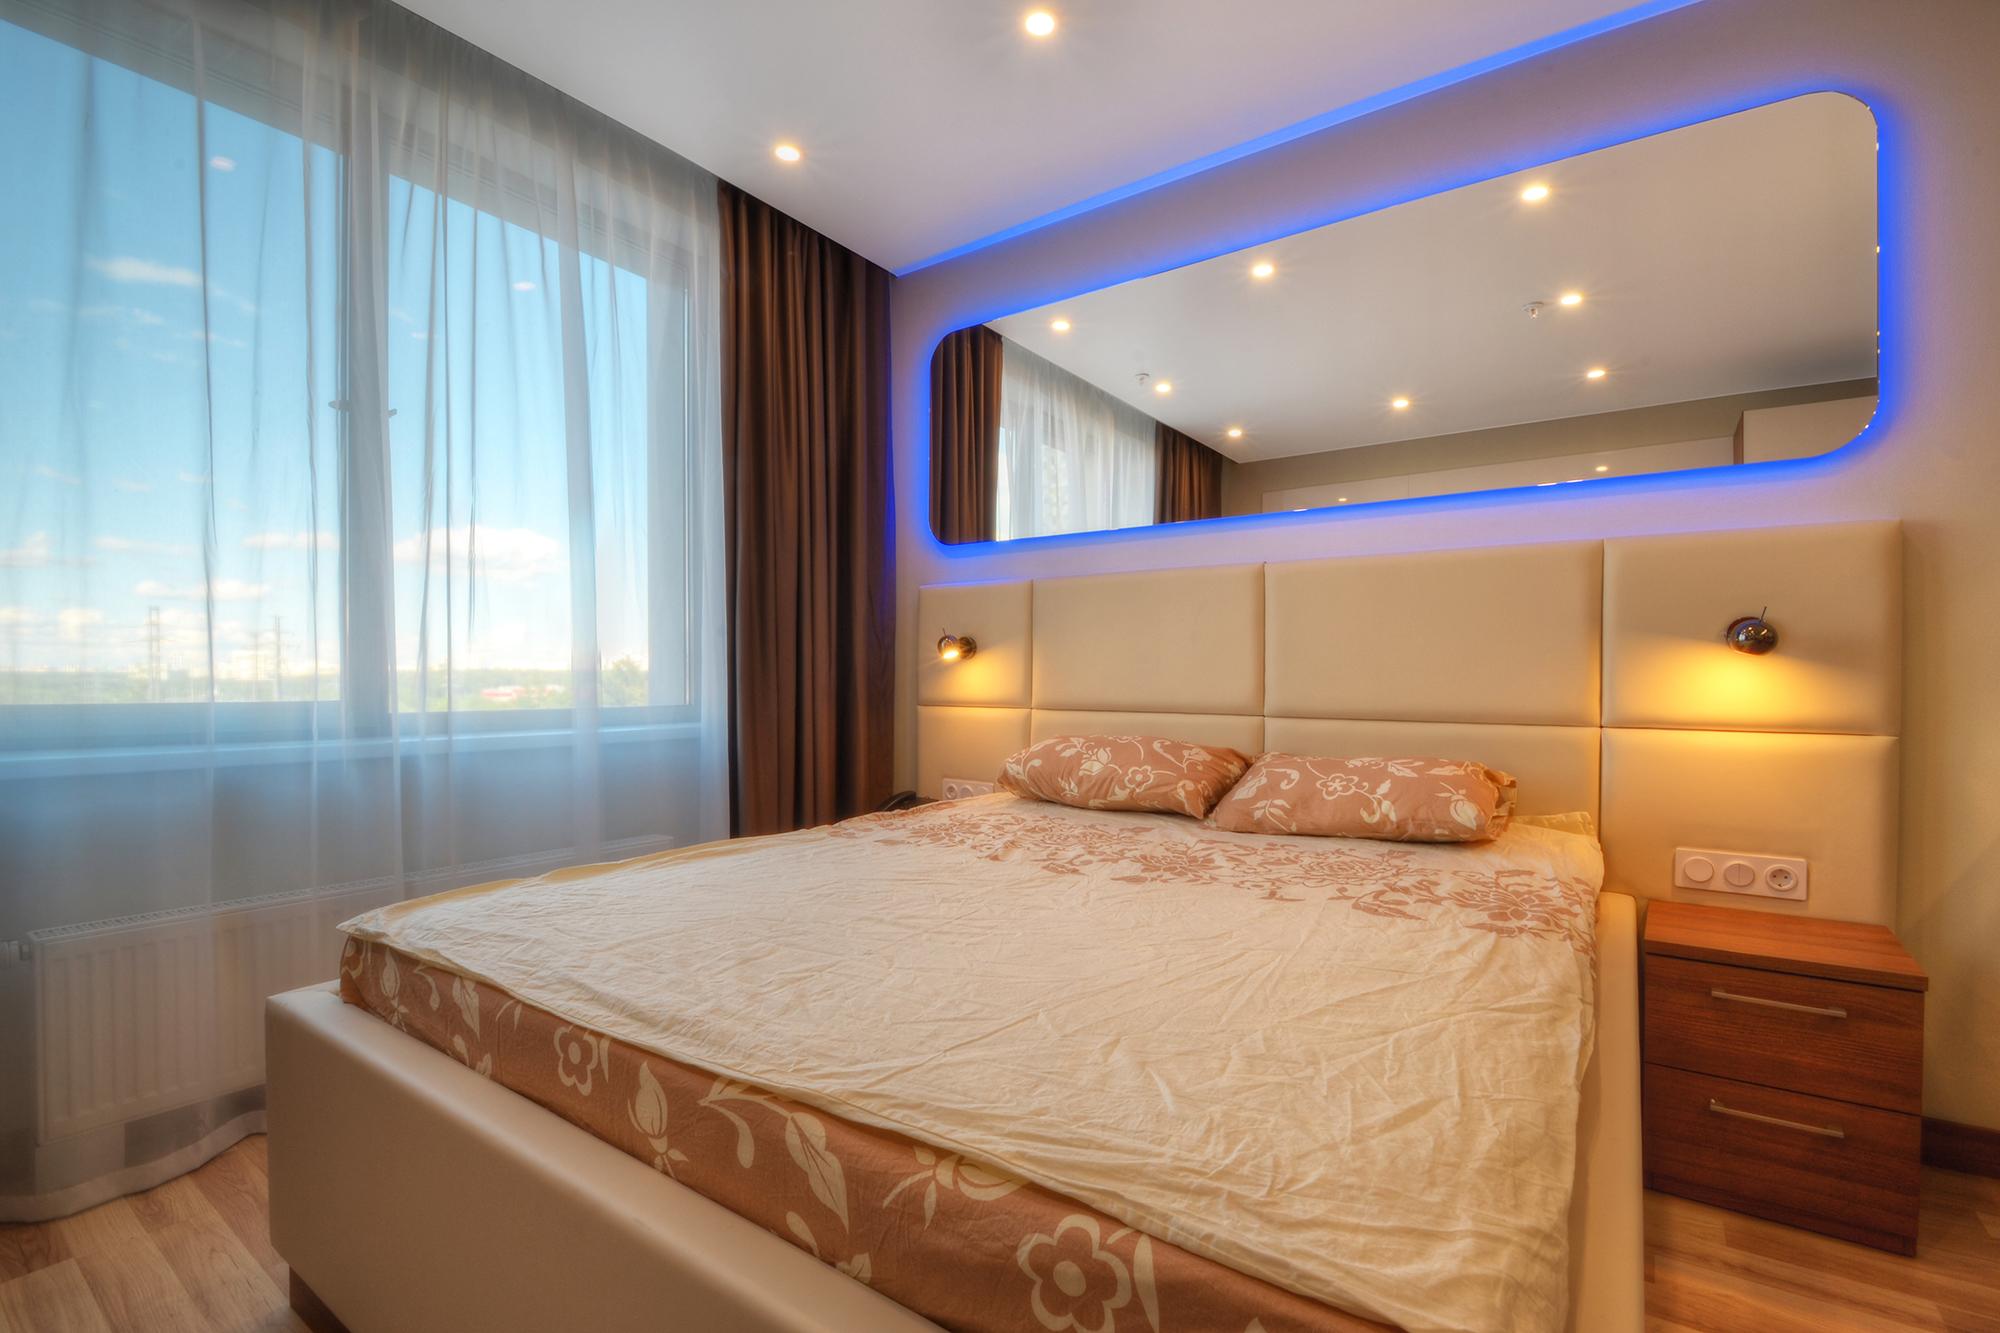 dizajnerskie-apartamenty-yes-mitino-02